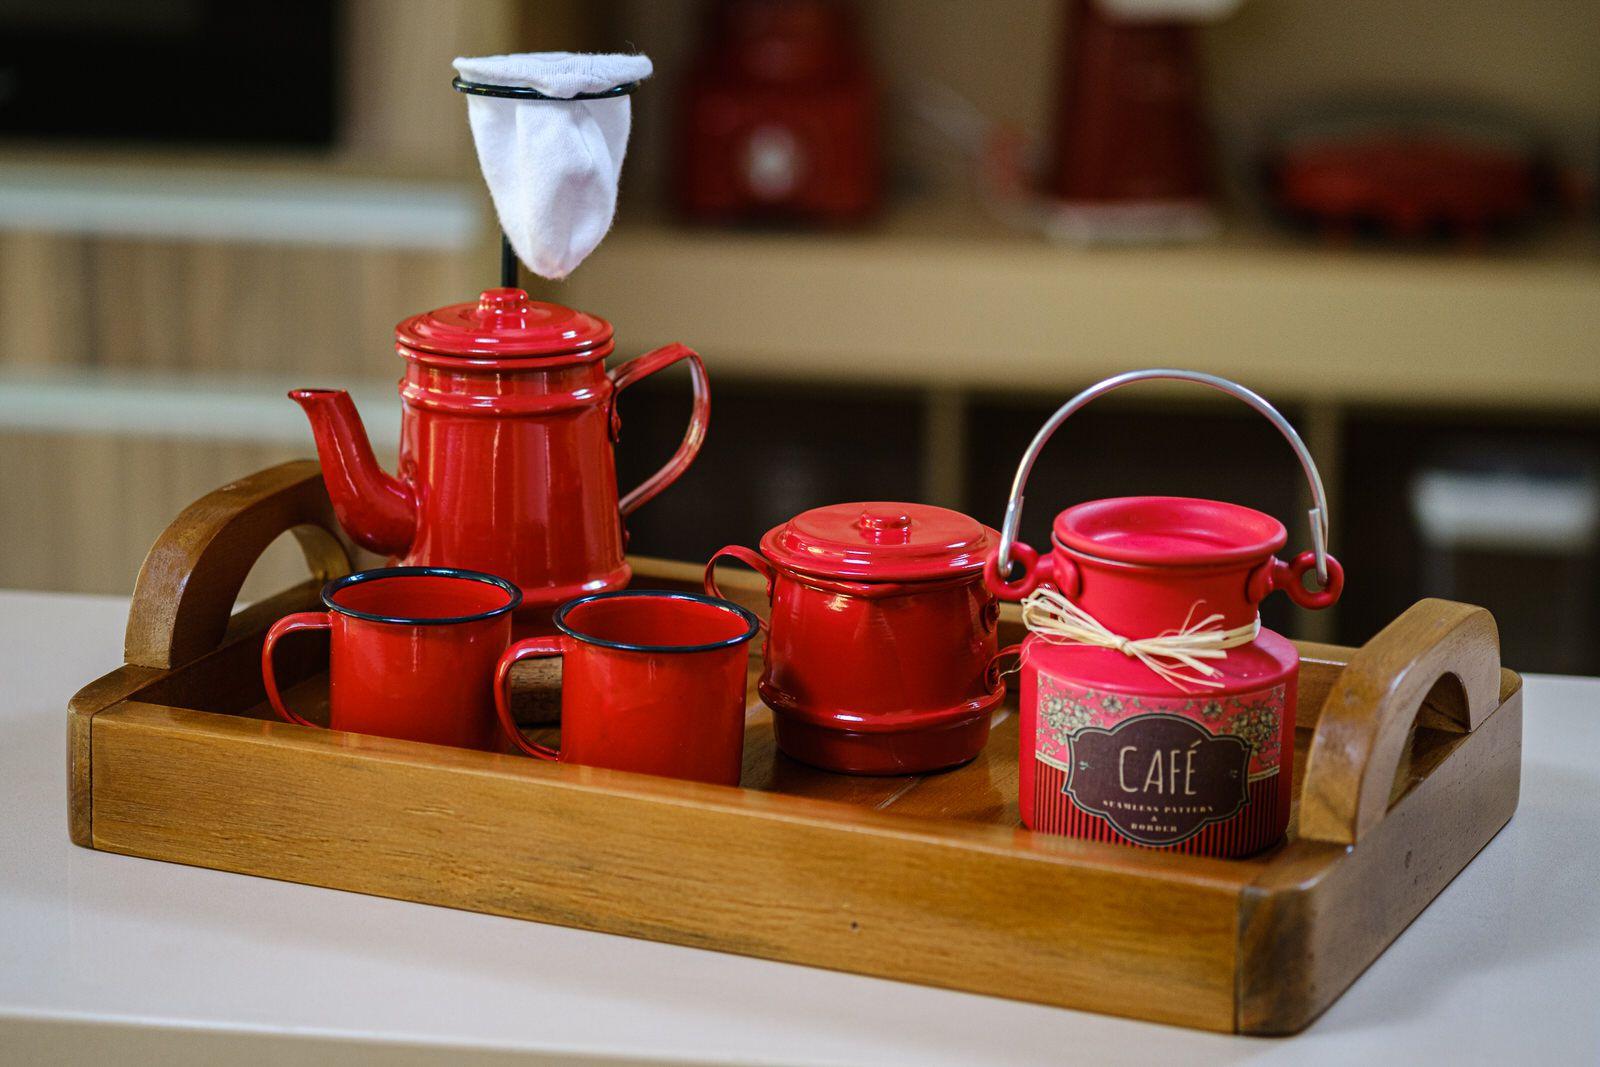 Kit bandeja em madeira rústica com kit bule 250 ml, mini leiteira, açucareiro vermelhos e  canecas